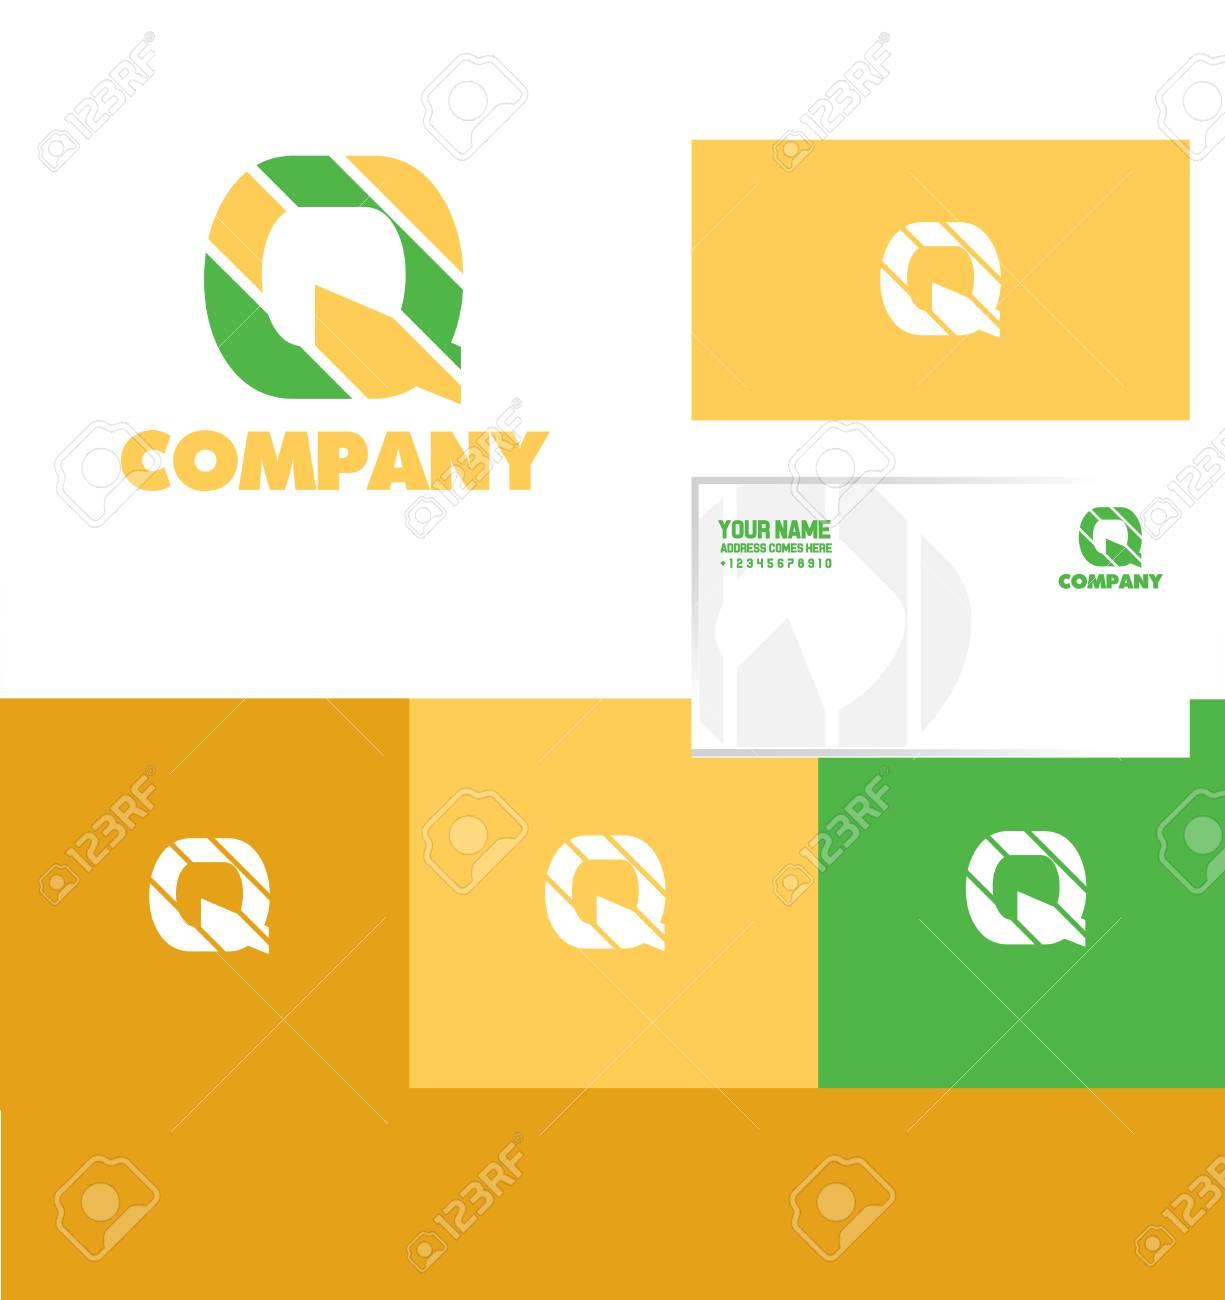 Société Logo Icône Élément Modèle Lettre Alphabet Q Résumé destiné Modele Lettre Alphabet